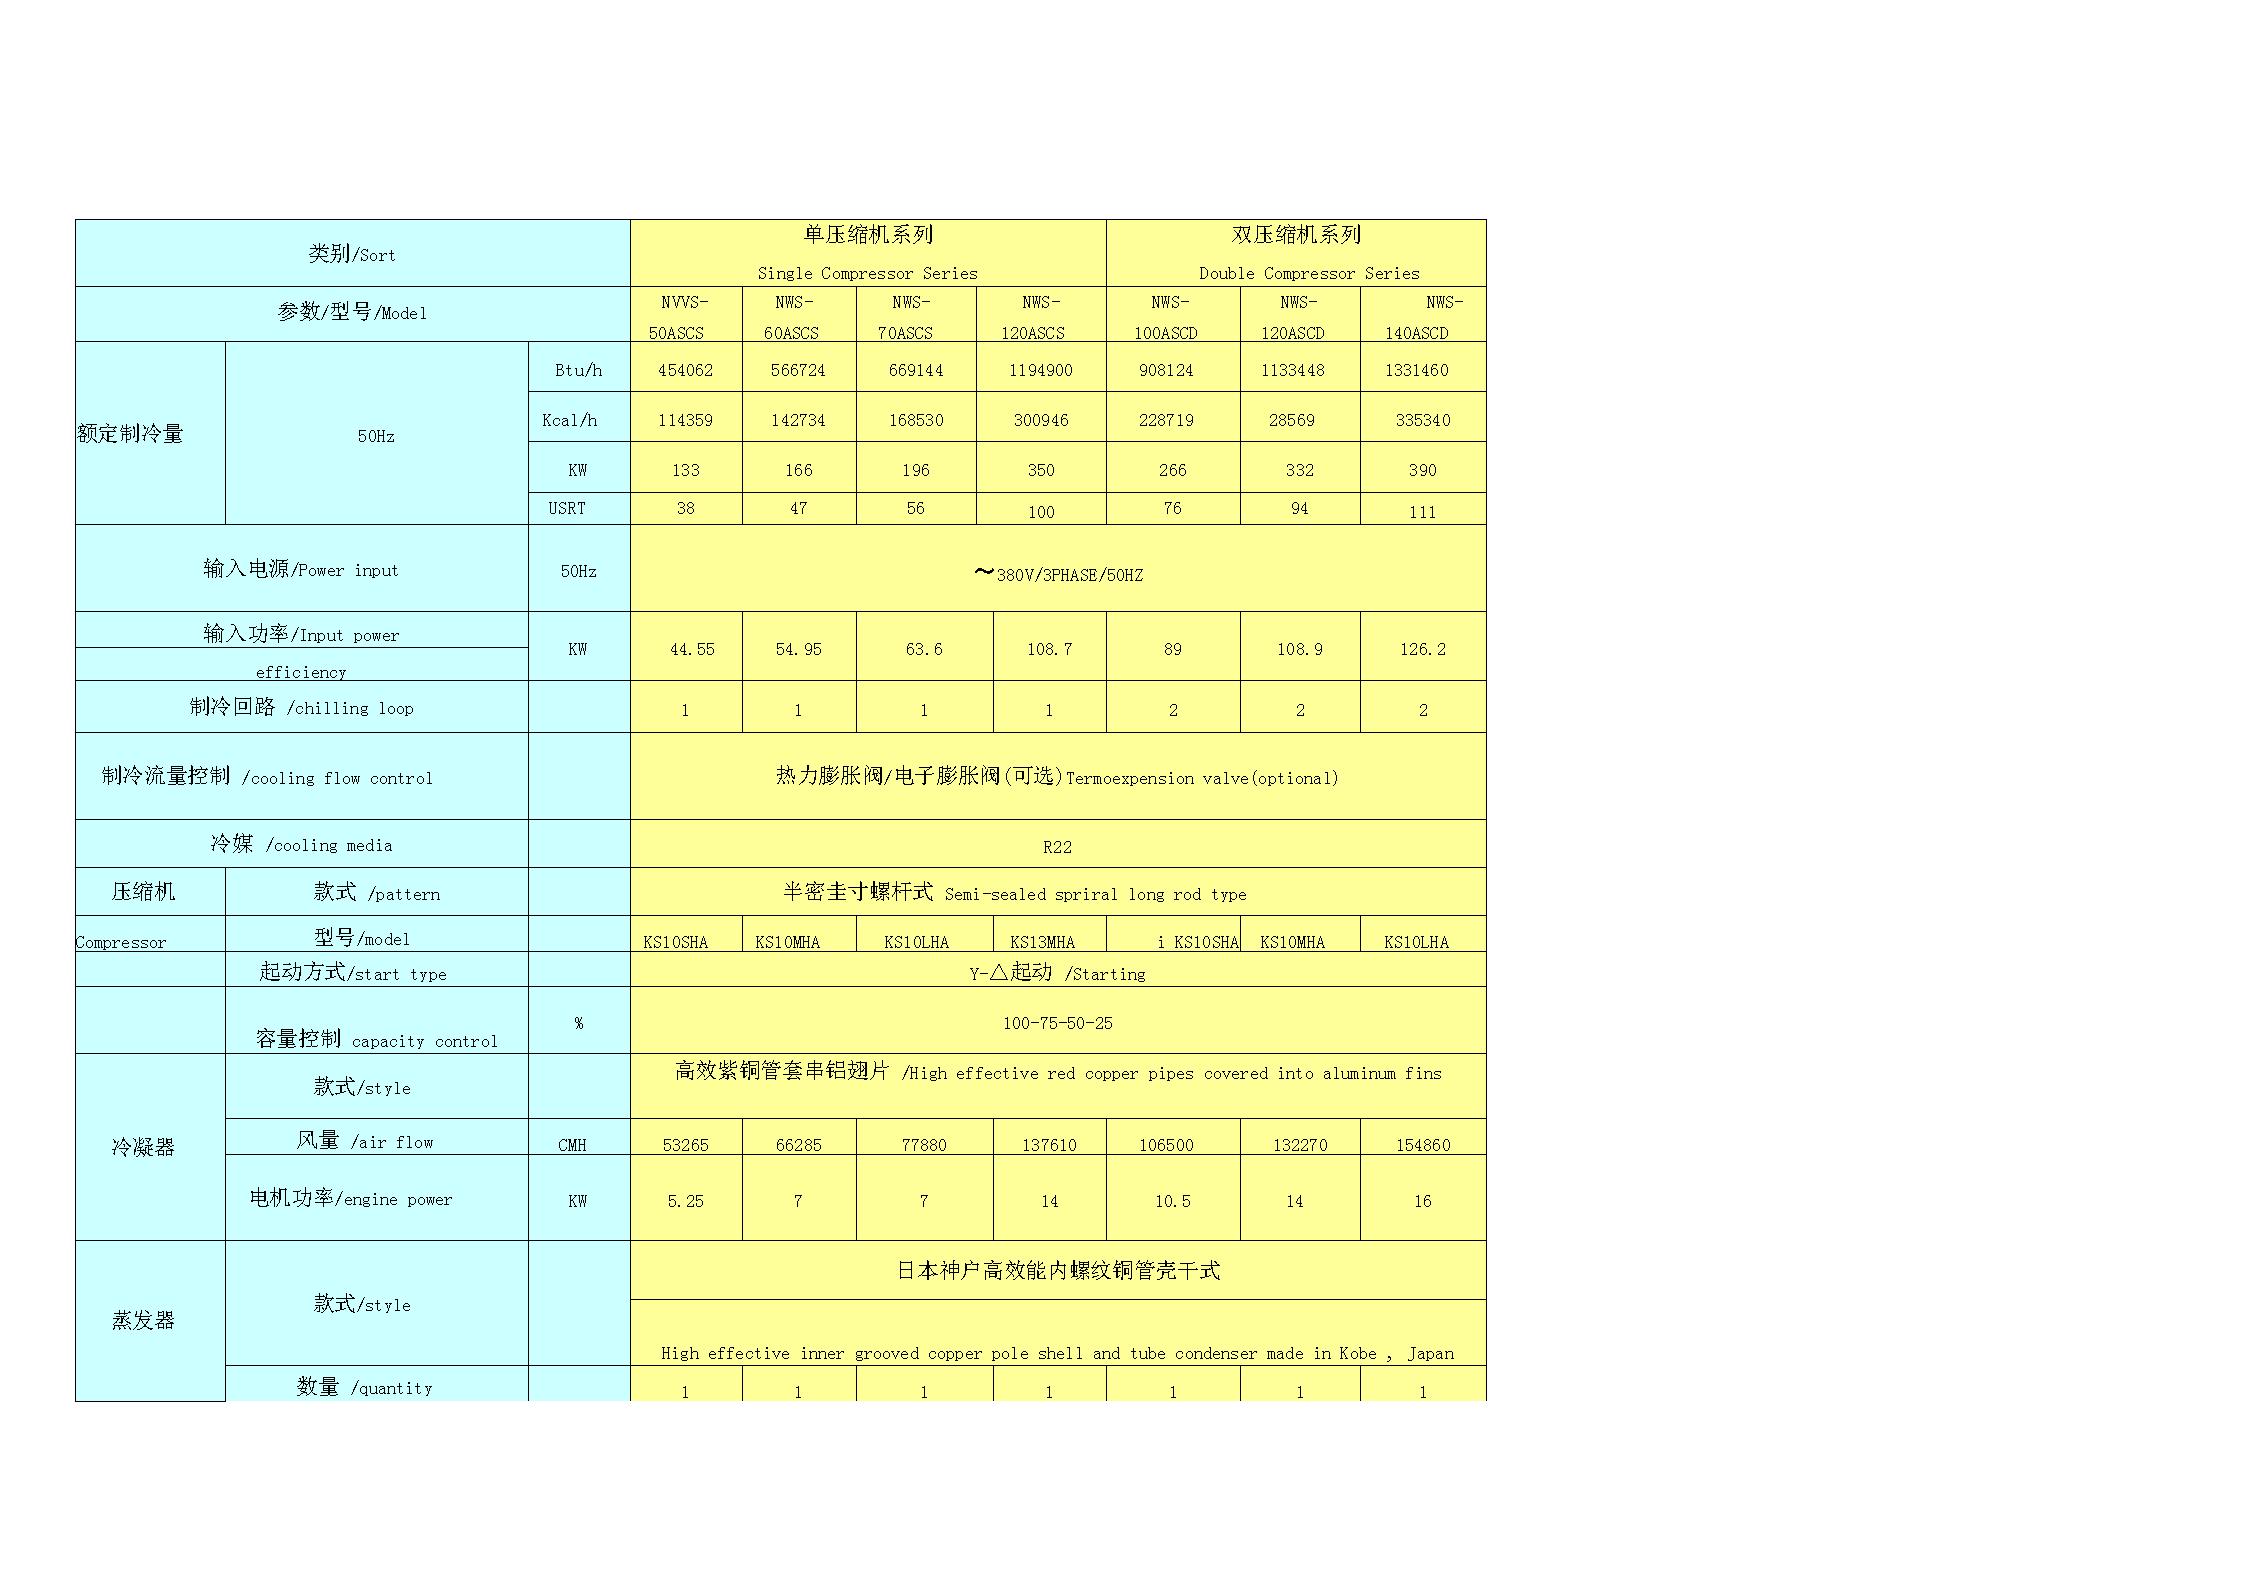 风冷螺杆式冷水机组技术参数表chartoftechnicalparametersoffan.docx